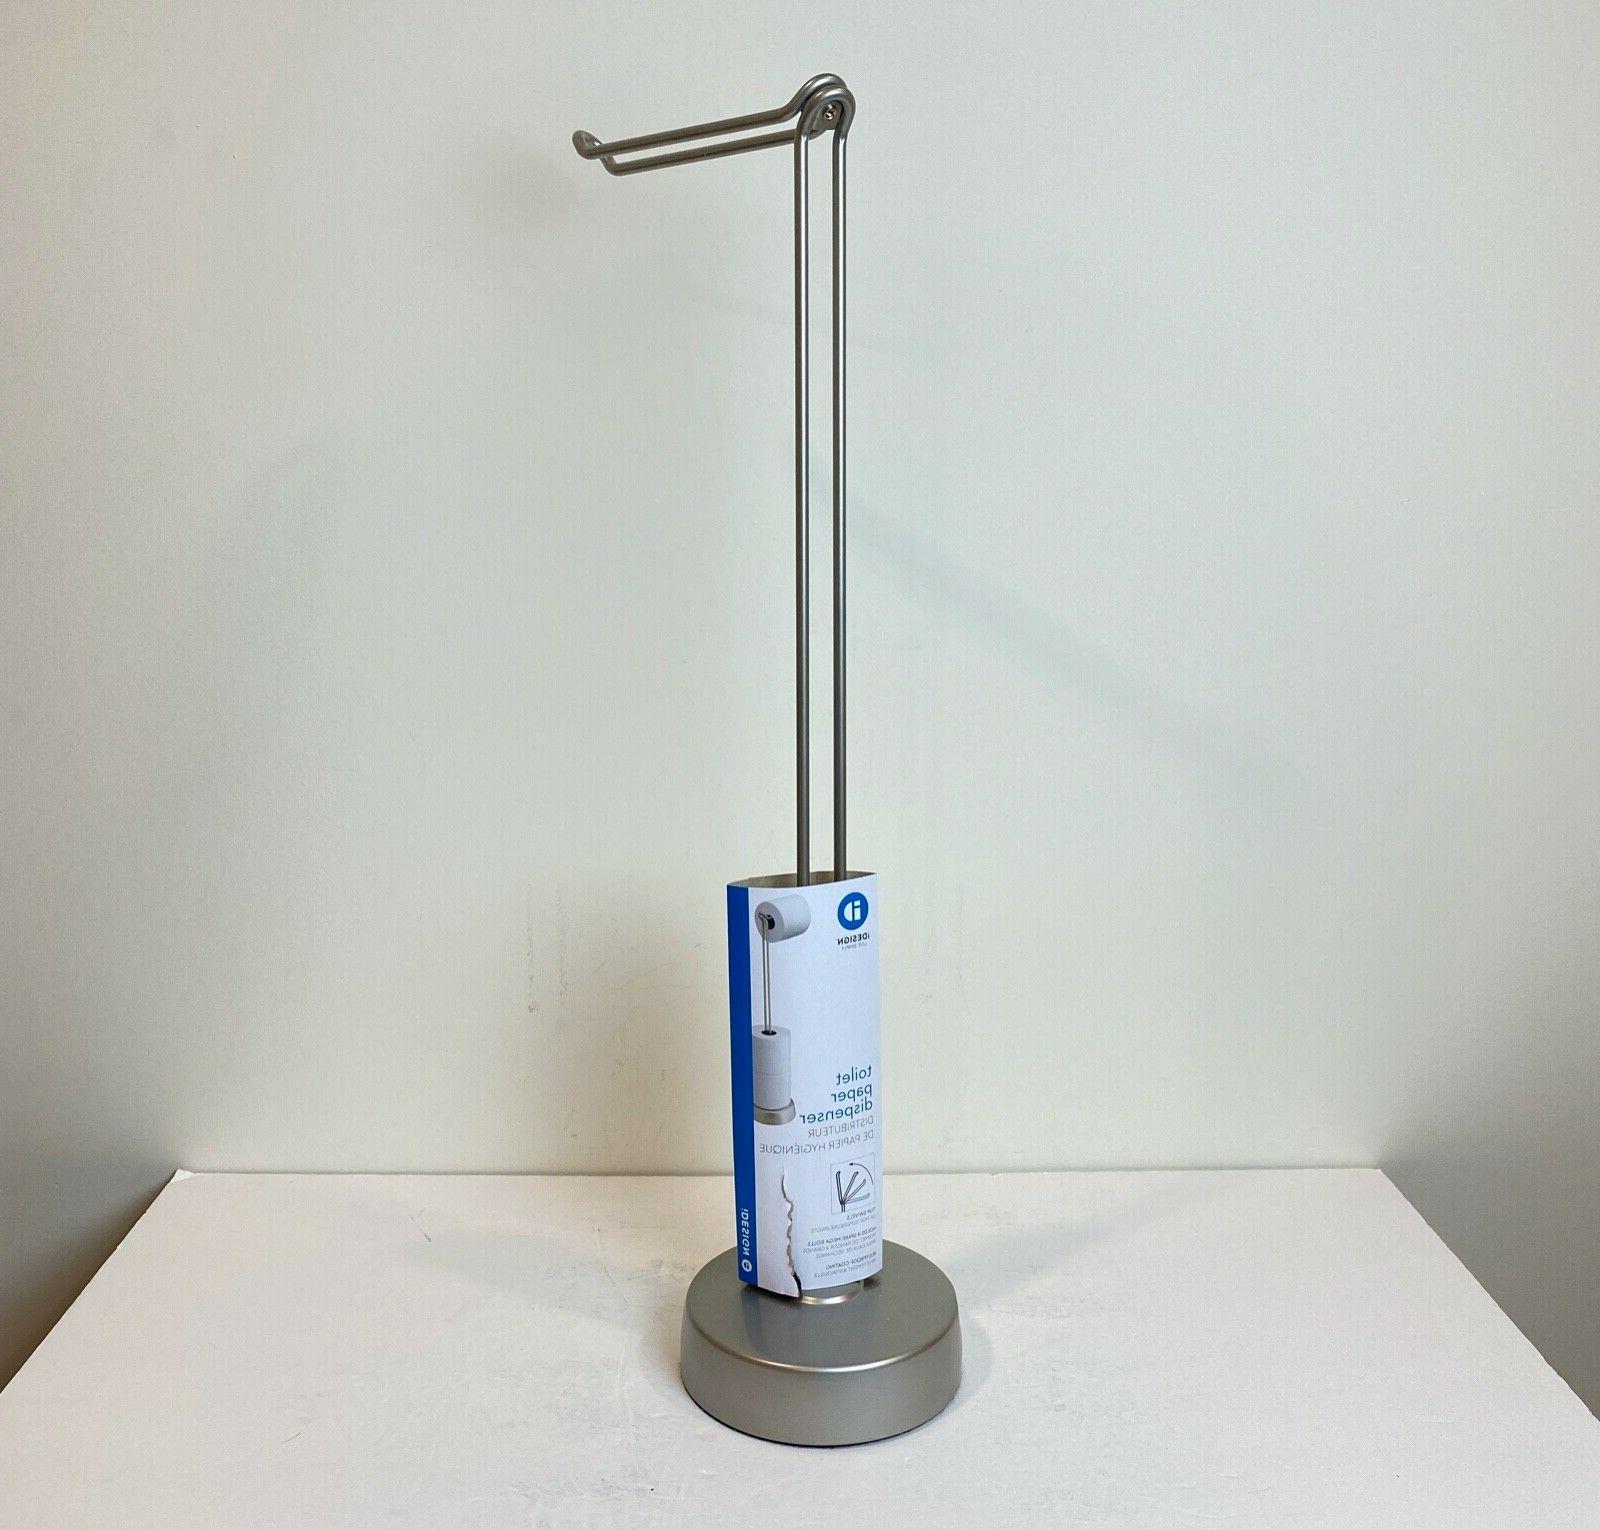 interdesign free standing toilet paper holder dispenser